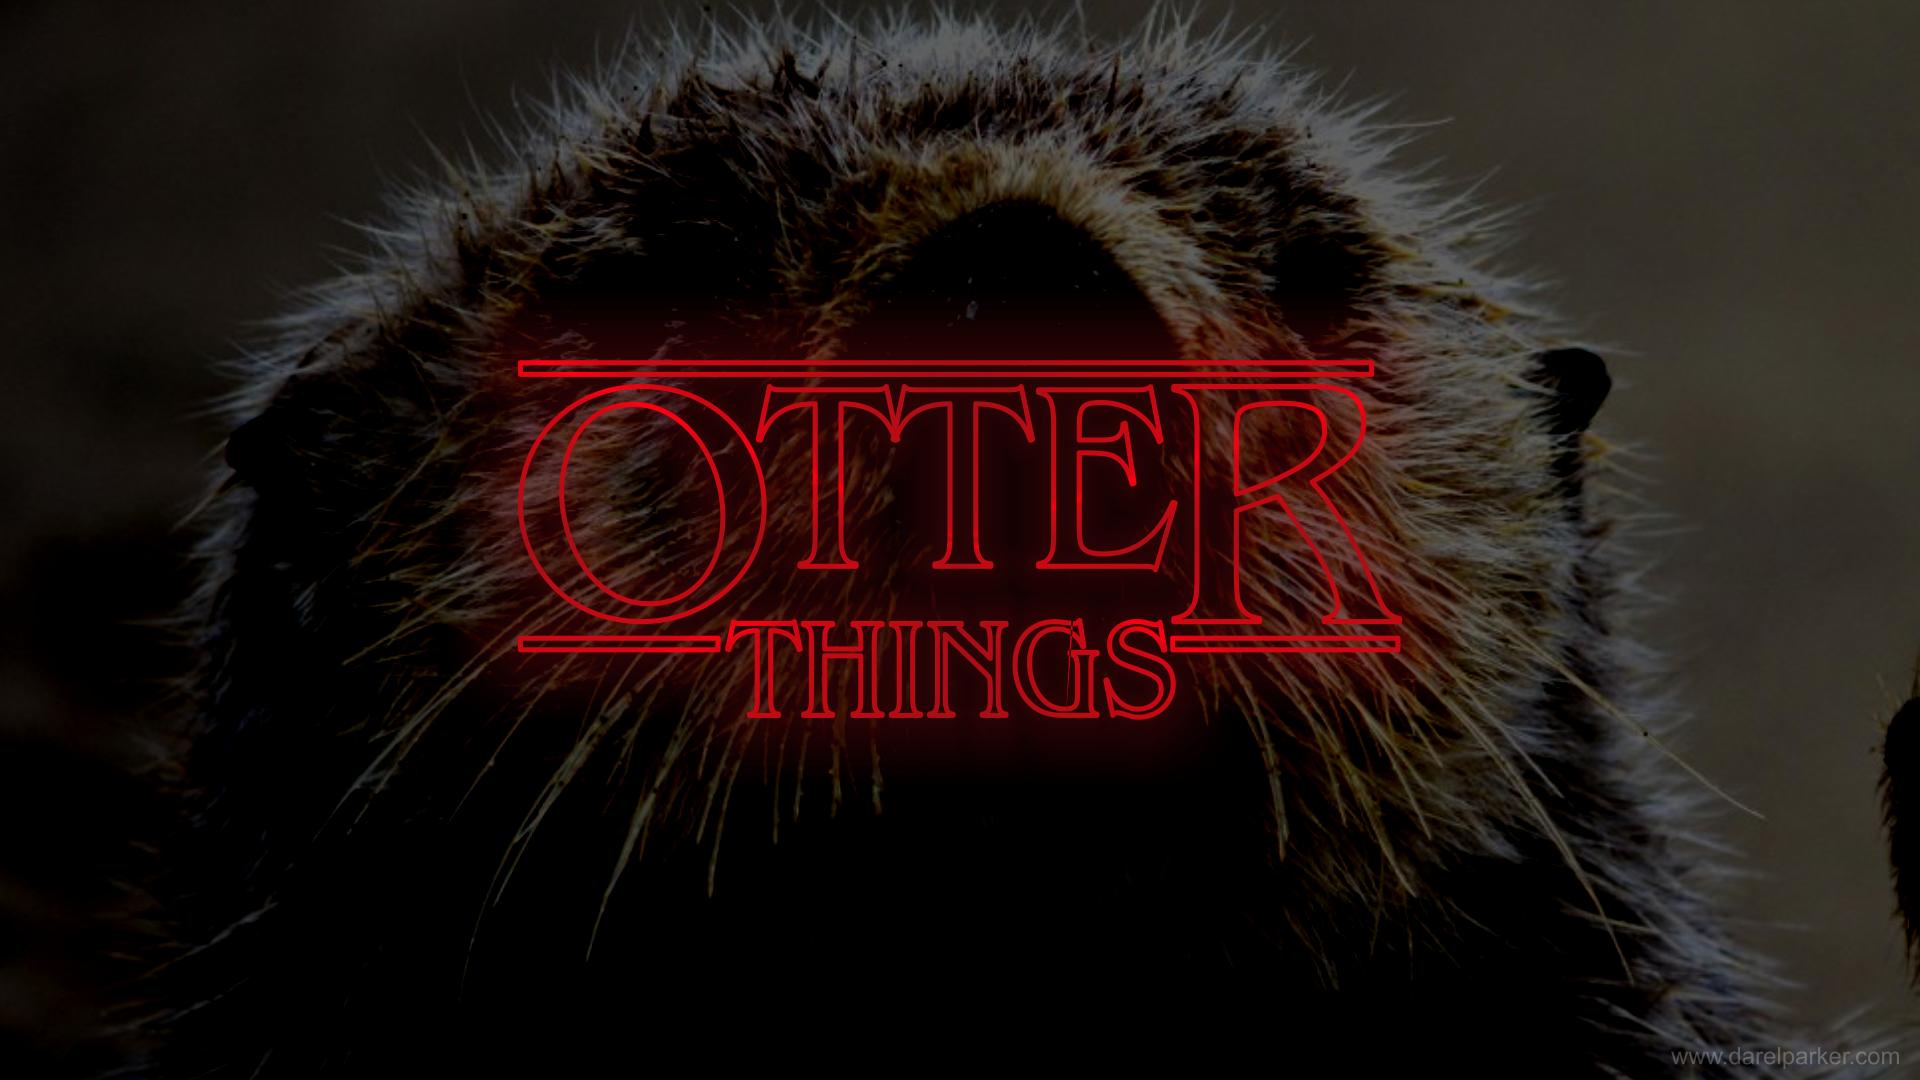 Stranger Things Otter Wallpaper Hd Version